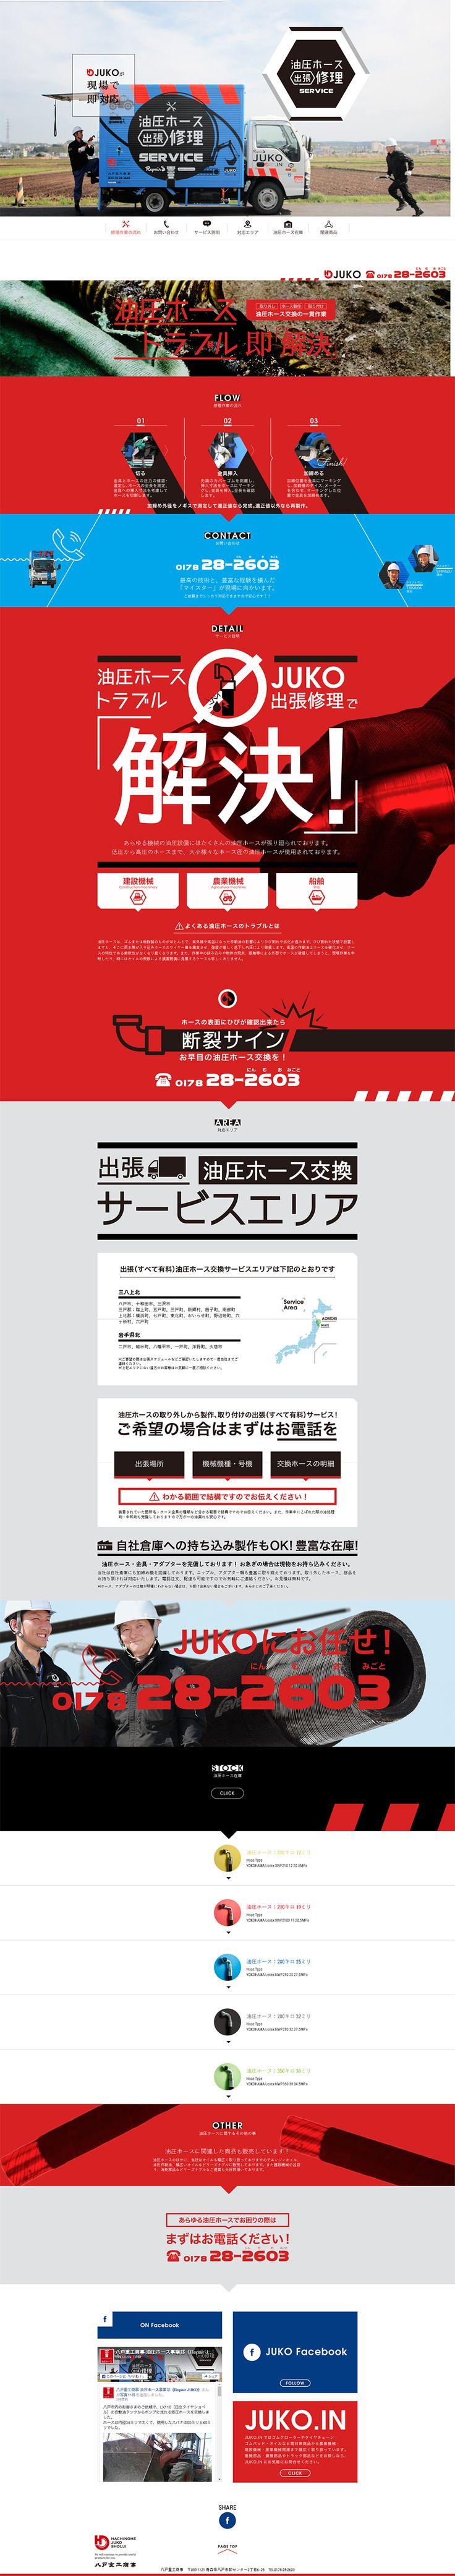 八戸重工商事の油圧ホース修理|WEBデザイナーさん必見!ランディングページのデザイン参考に(かっこいい系)